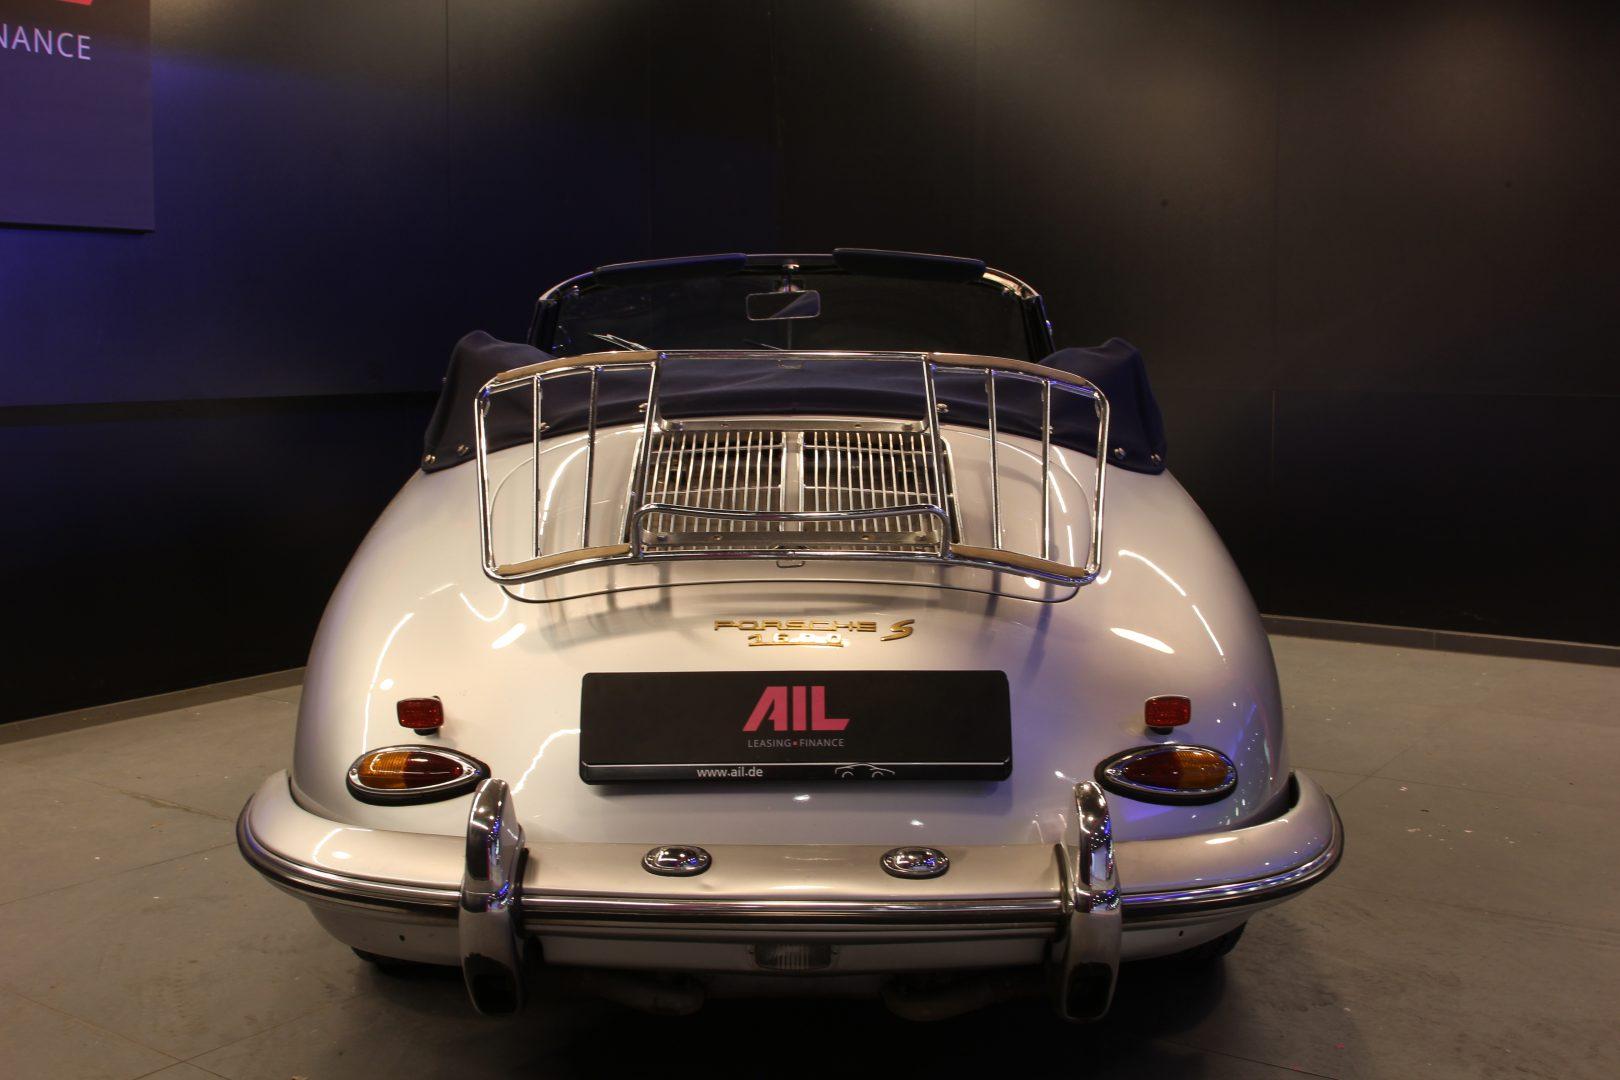 AIL Porsche 356 B 1600 Super 1